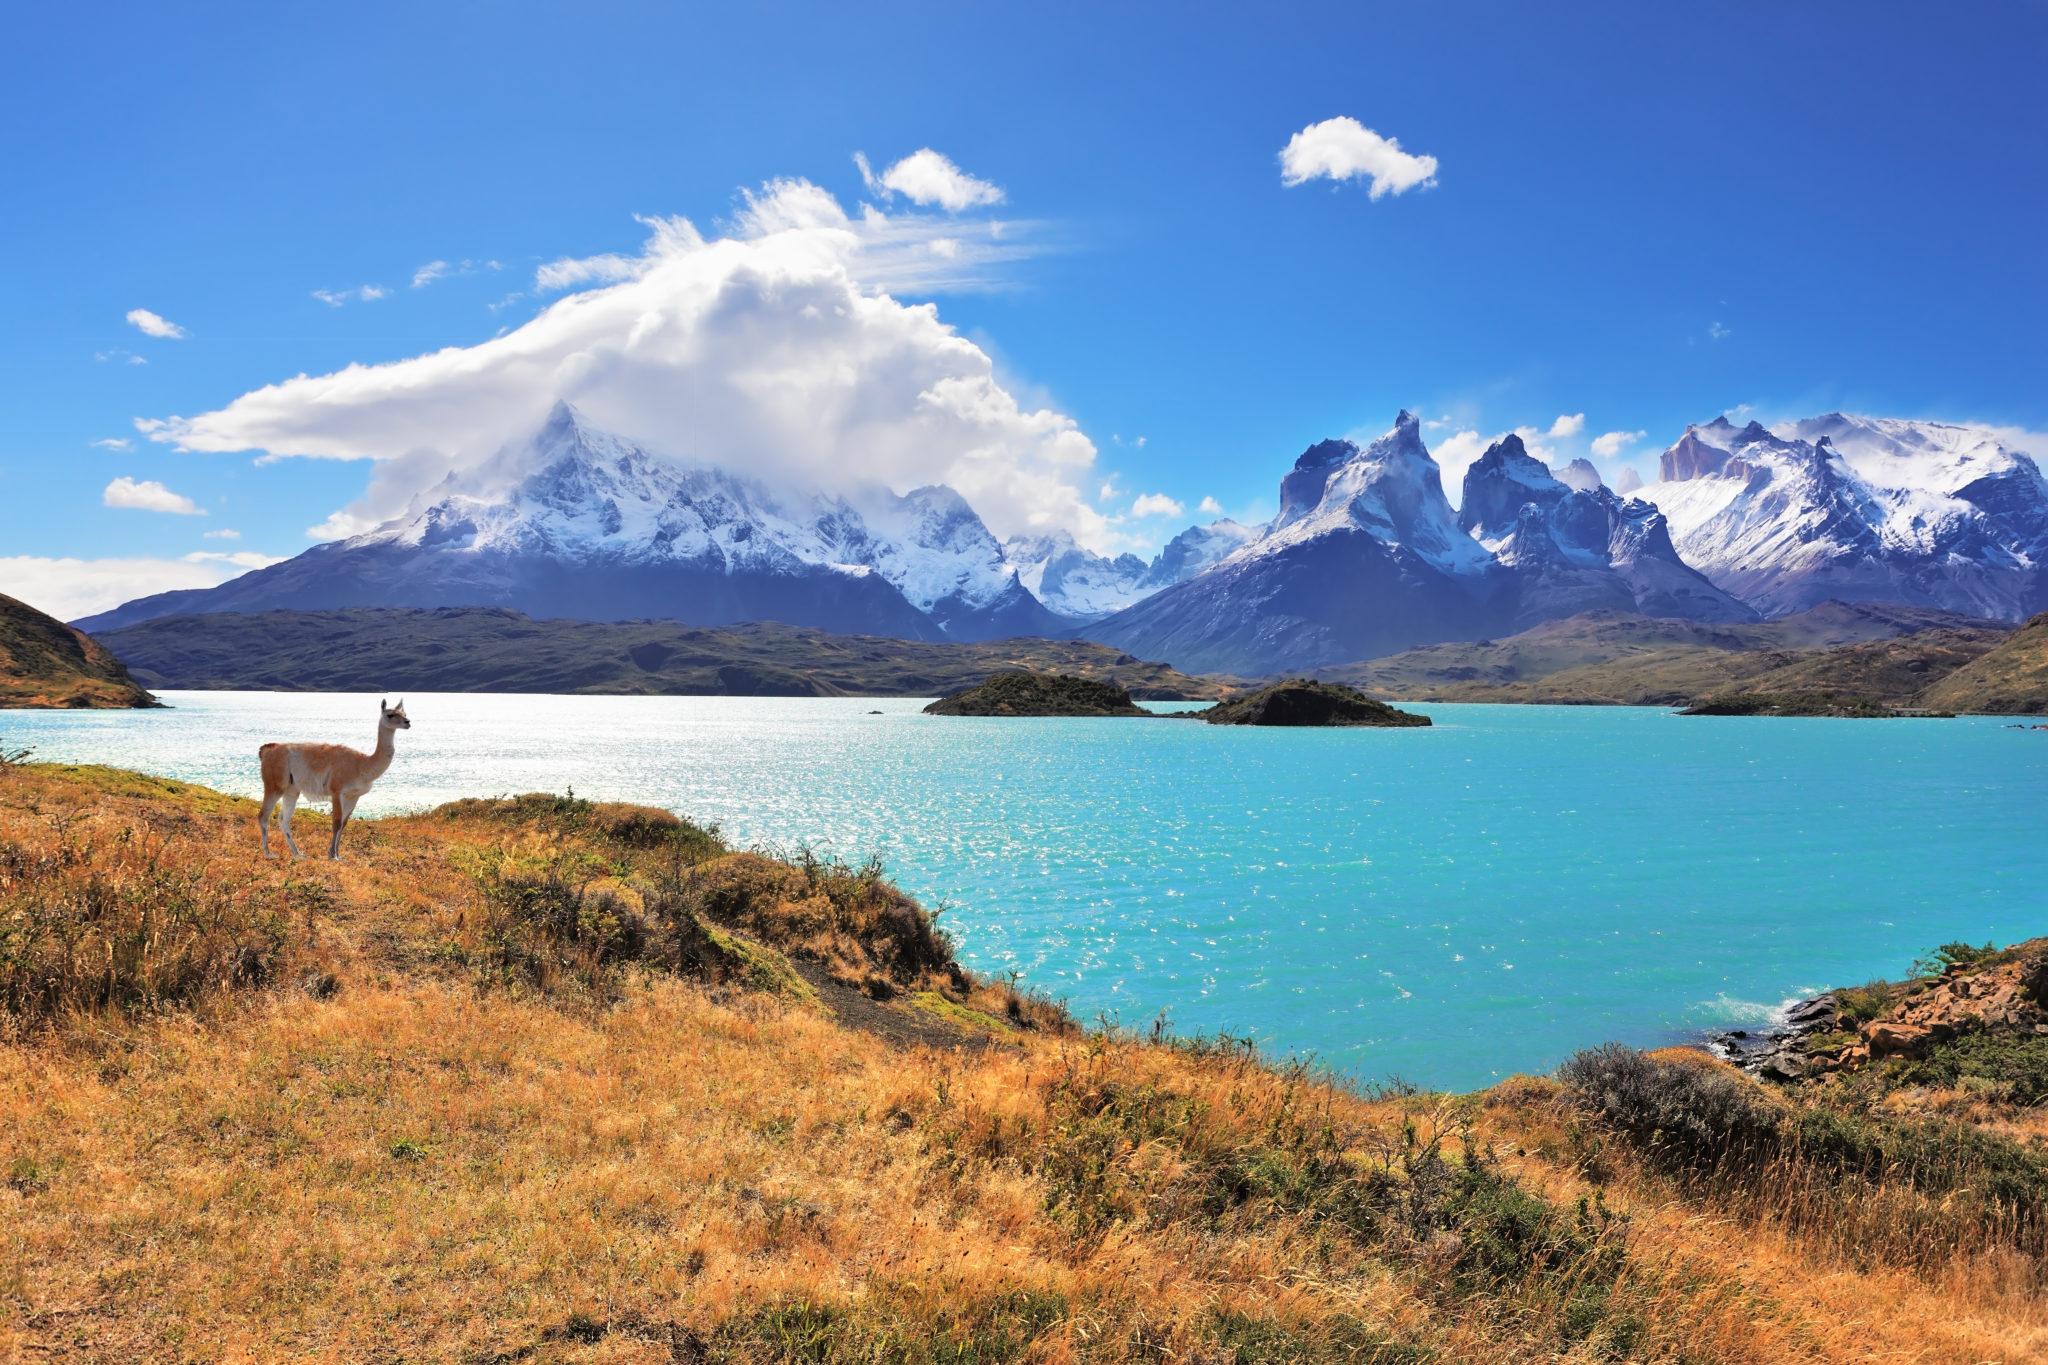 Atemberaubende Landschaft am Pehoe See im Torres del Paine